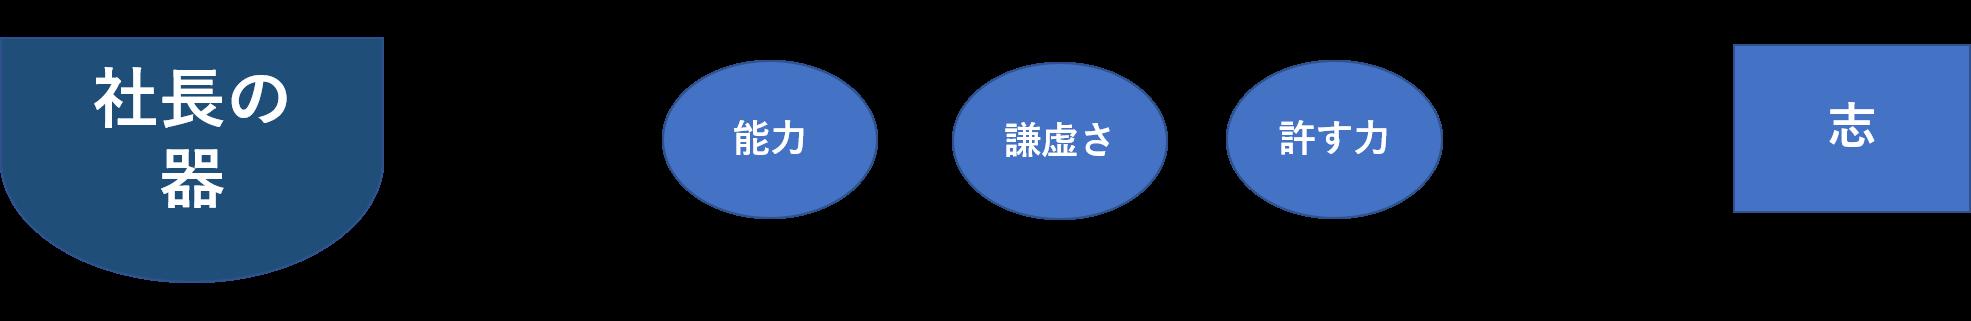 社長の器の方程式